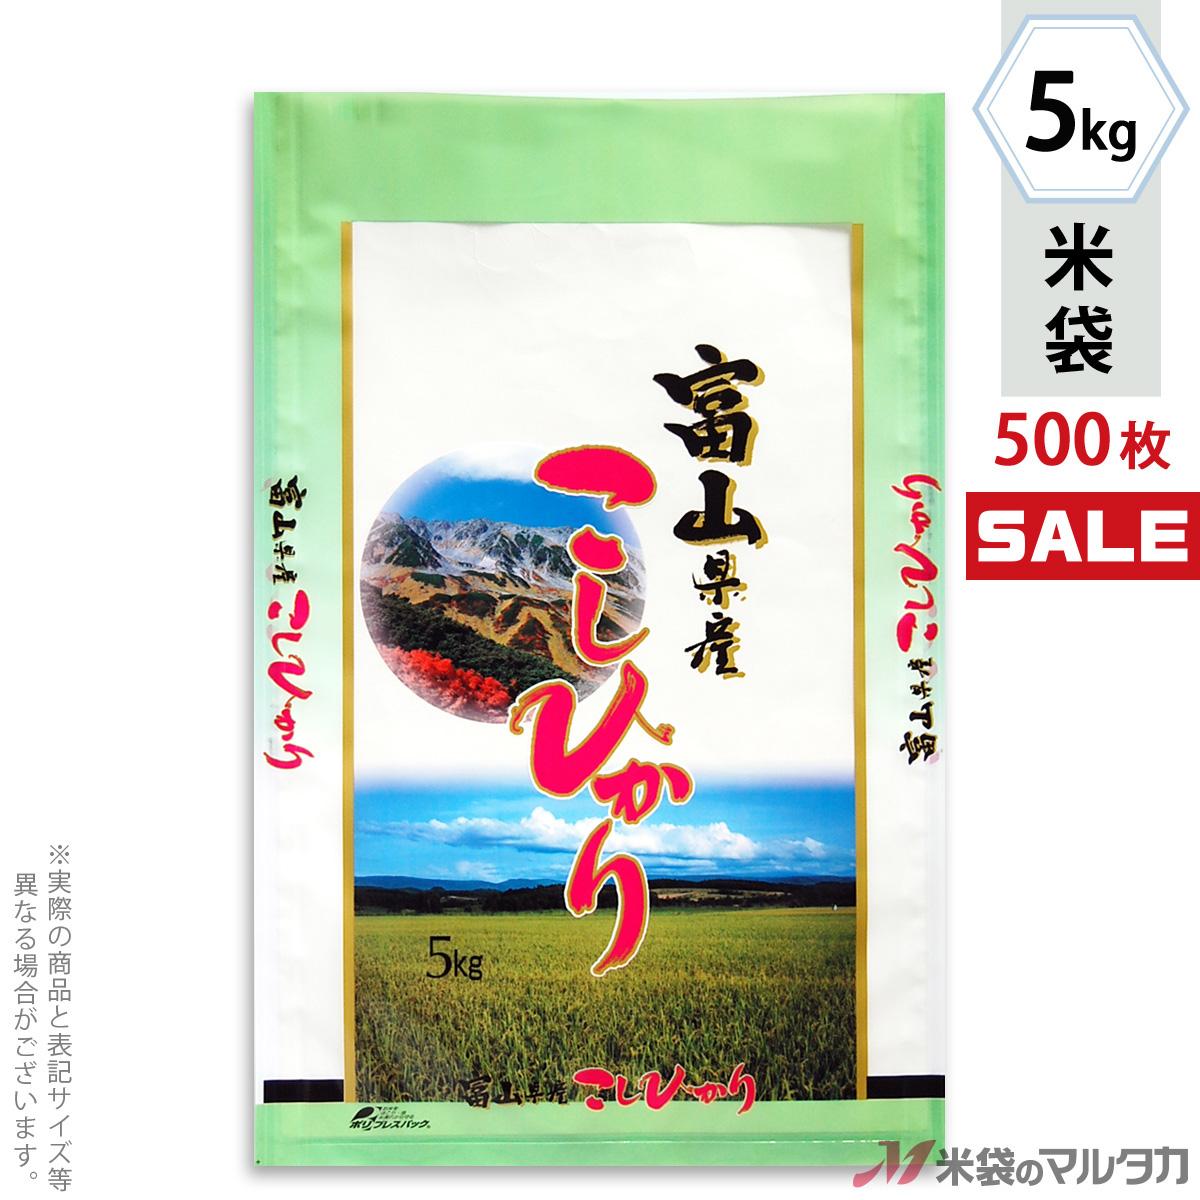 <キャンペーン対応>米袋 ポリポリ ネオブレス 富山産こしひかり 涼風 5kg 1ケース(500枚入) MP-5216